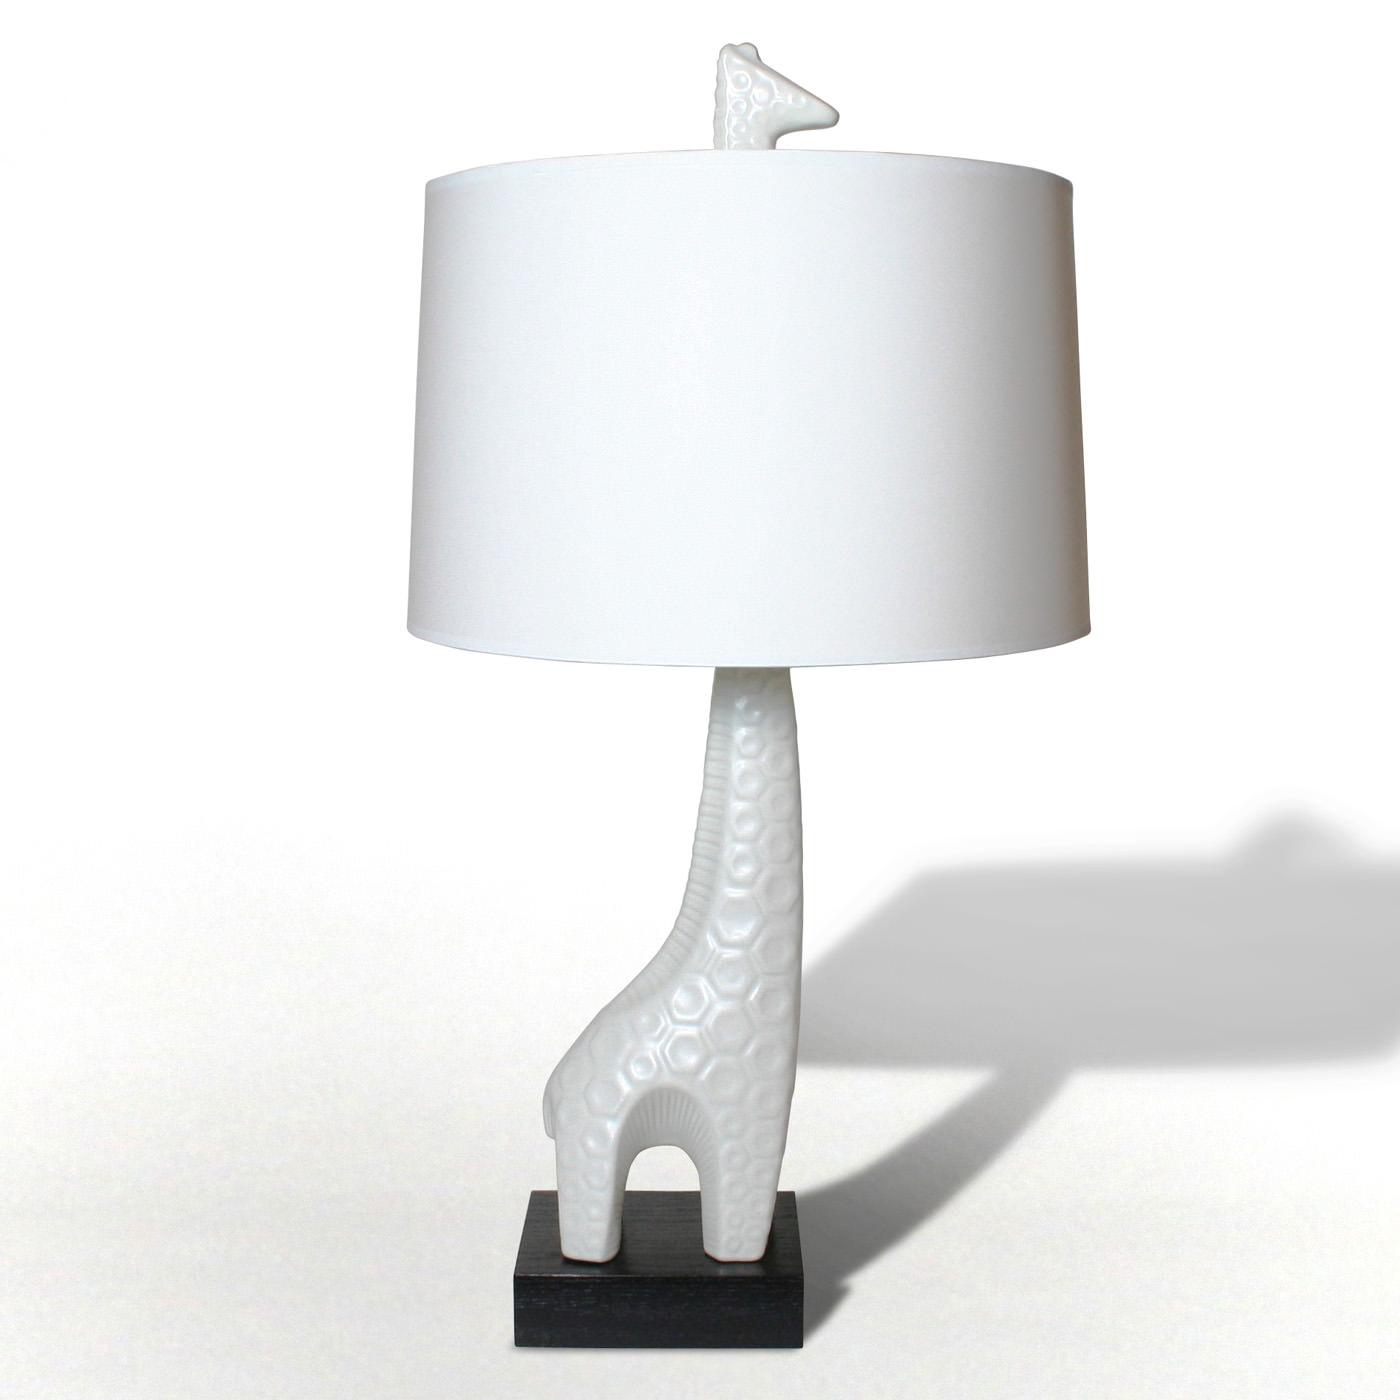 Jonathan Adler Giraffe Table Lamp ~$395